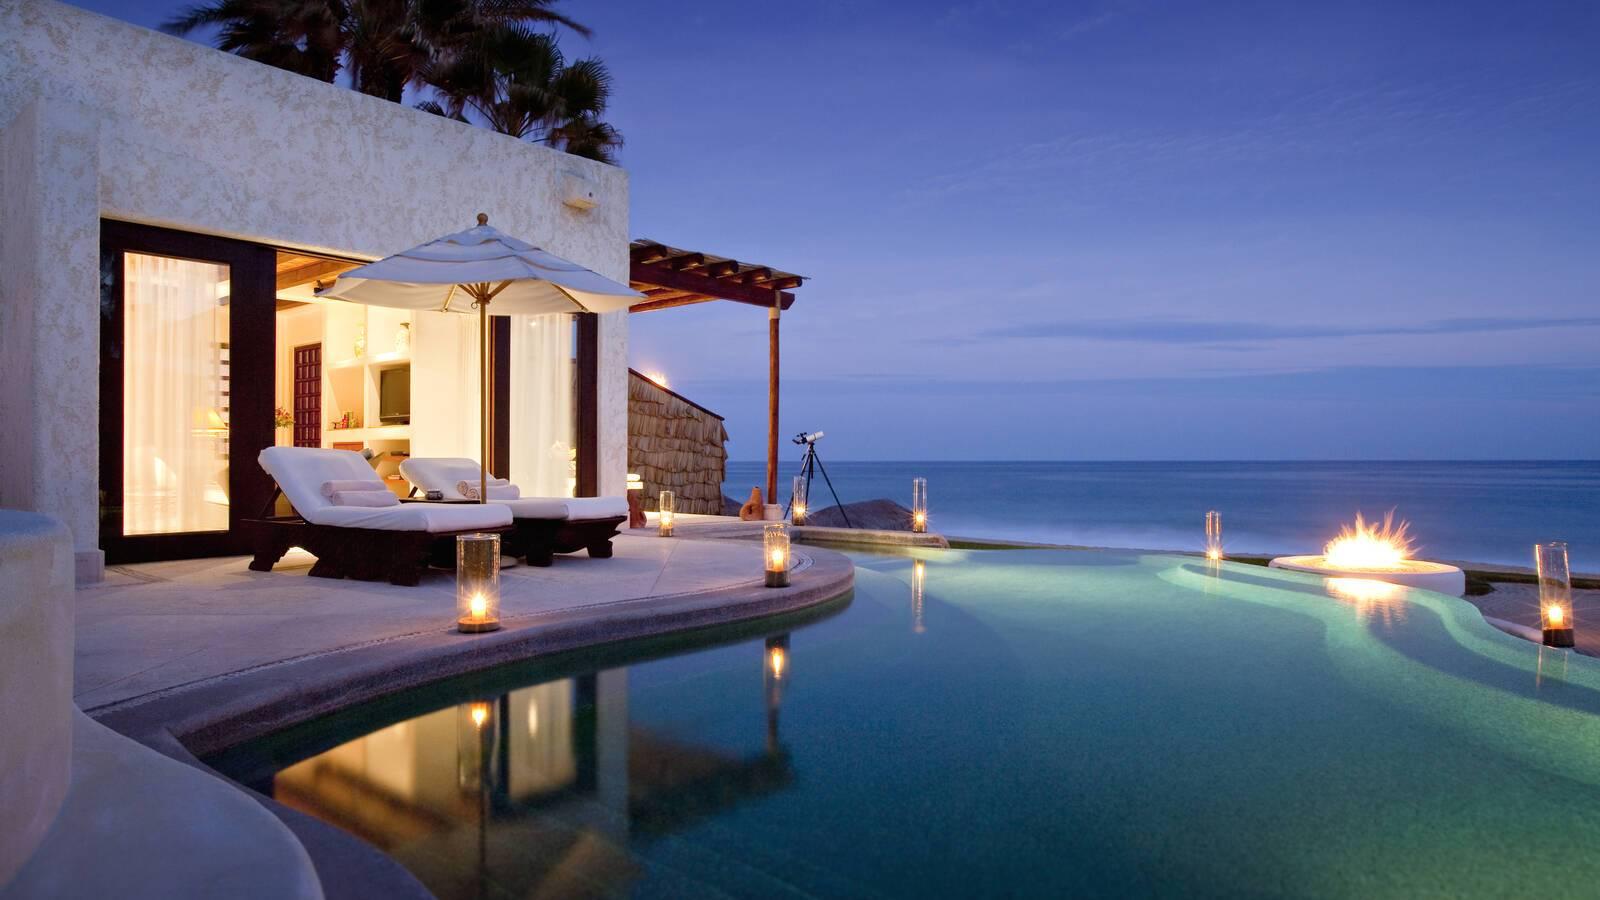 Ventanas Paraiso Mexique Rosewood Villa Pool